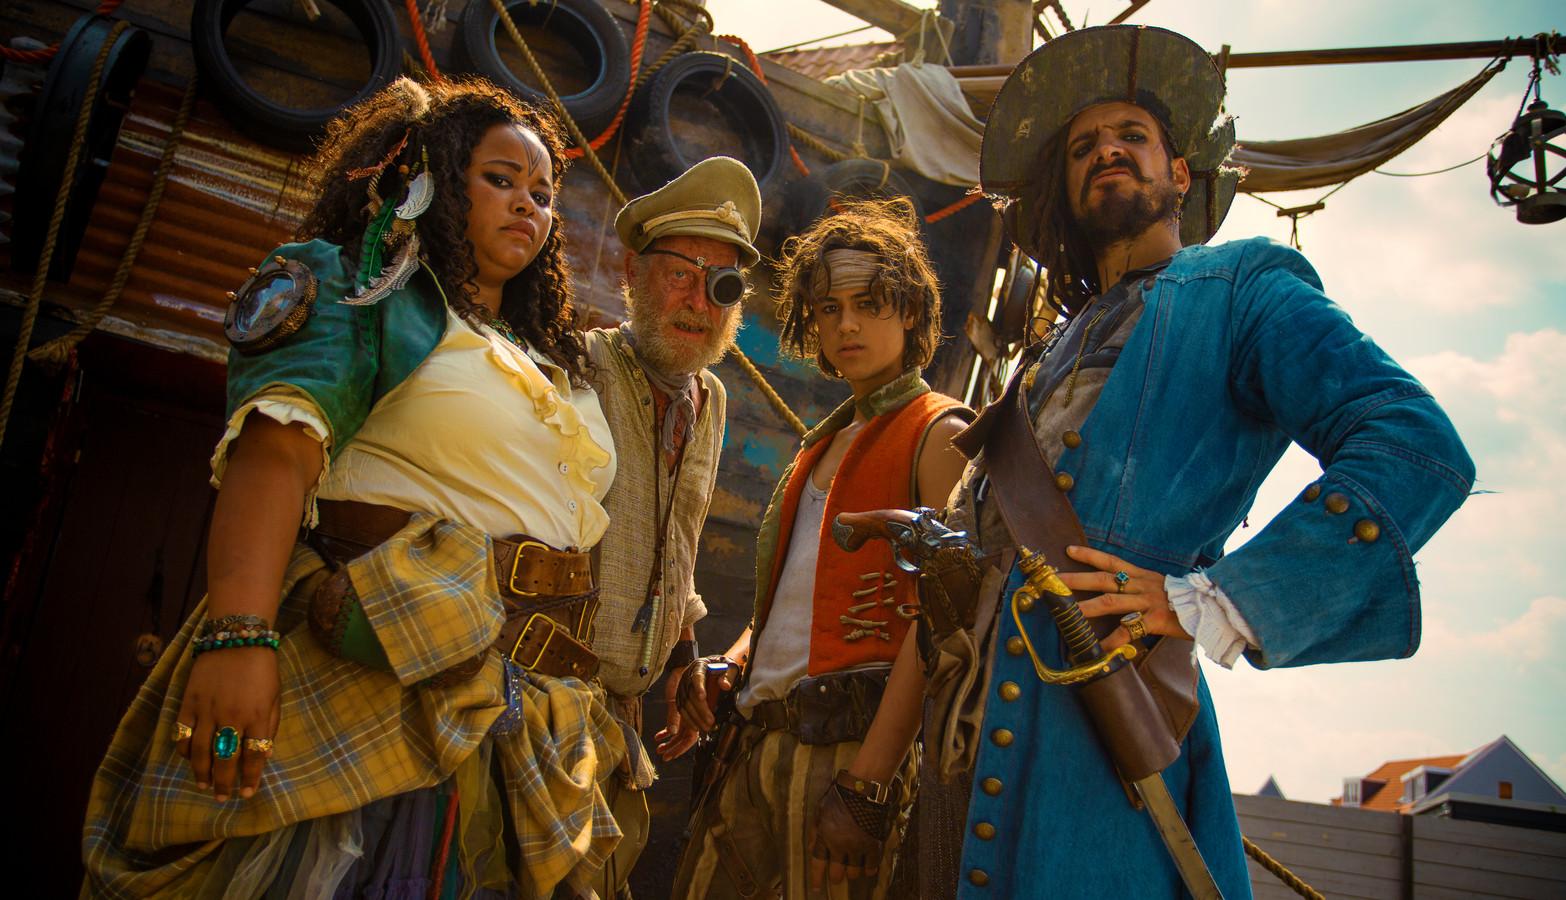 De Piraten van Hiernaast met Egbert-Jan Weeber, Matti Stooker, Peter van Heeringen, Sarah Janneh, and Samuel Beau Reurekas